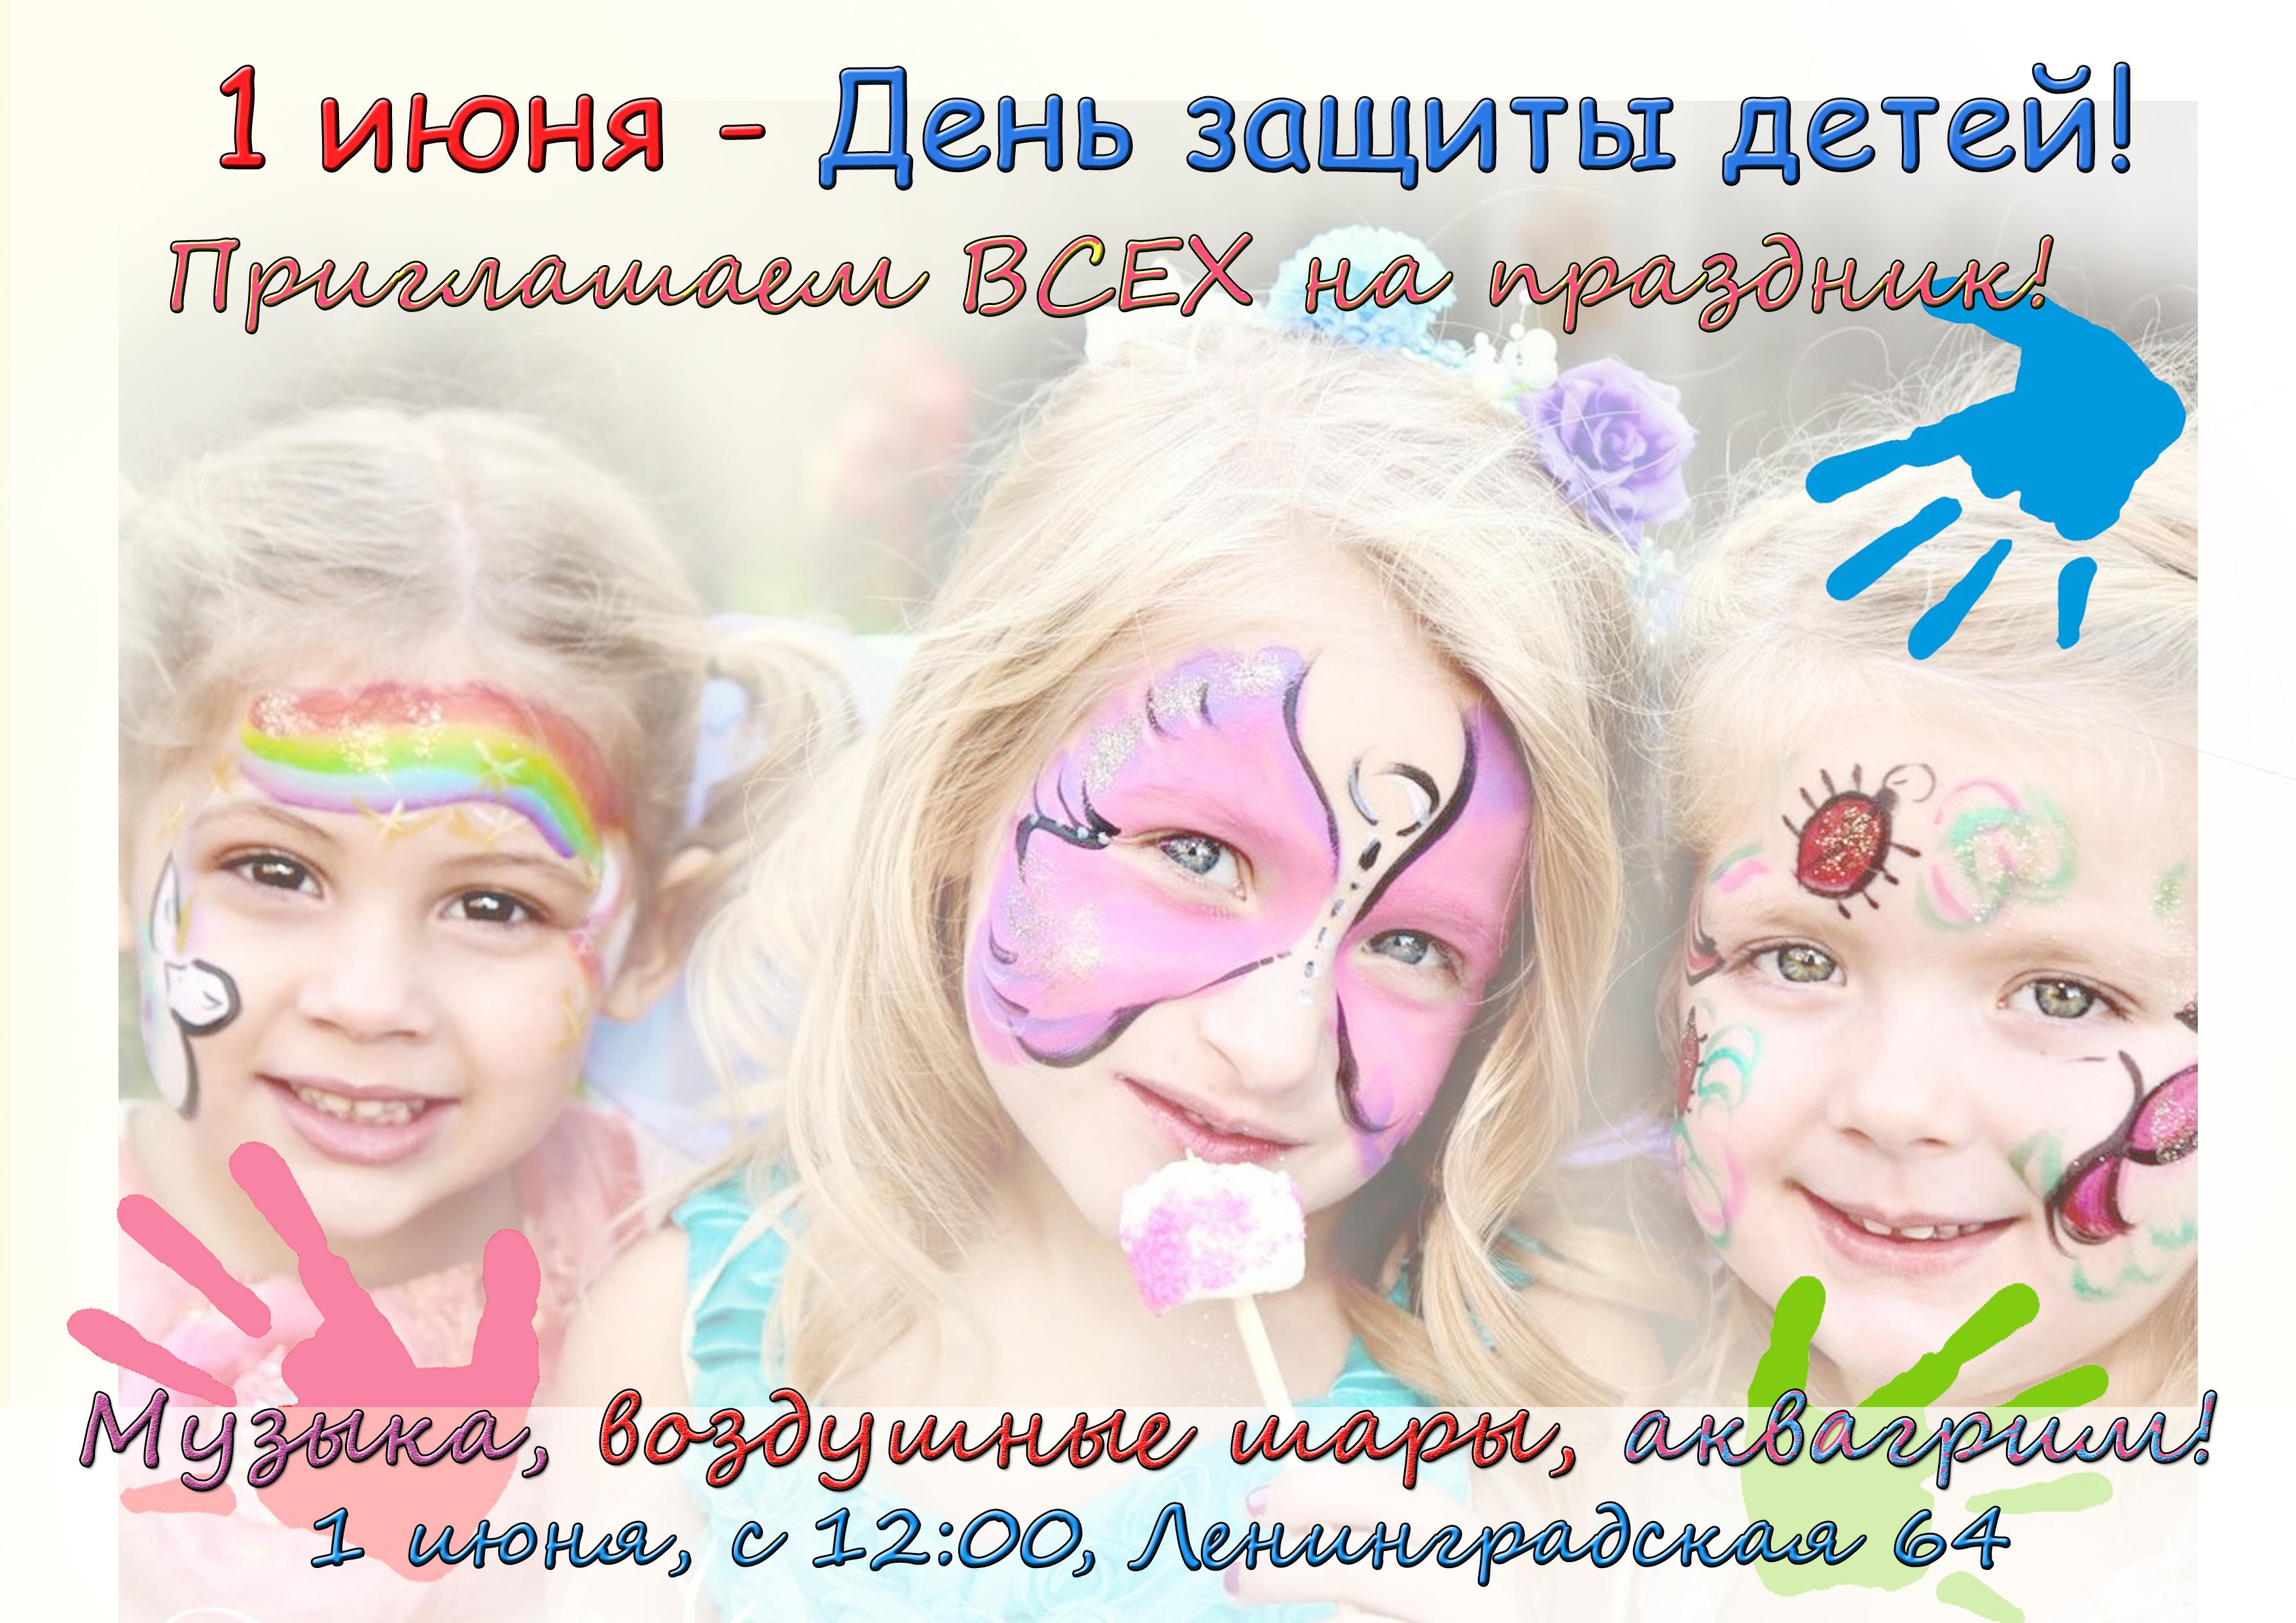 Приглашаем Вас на праздник! 1 июня — День Защиты Детей!